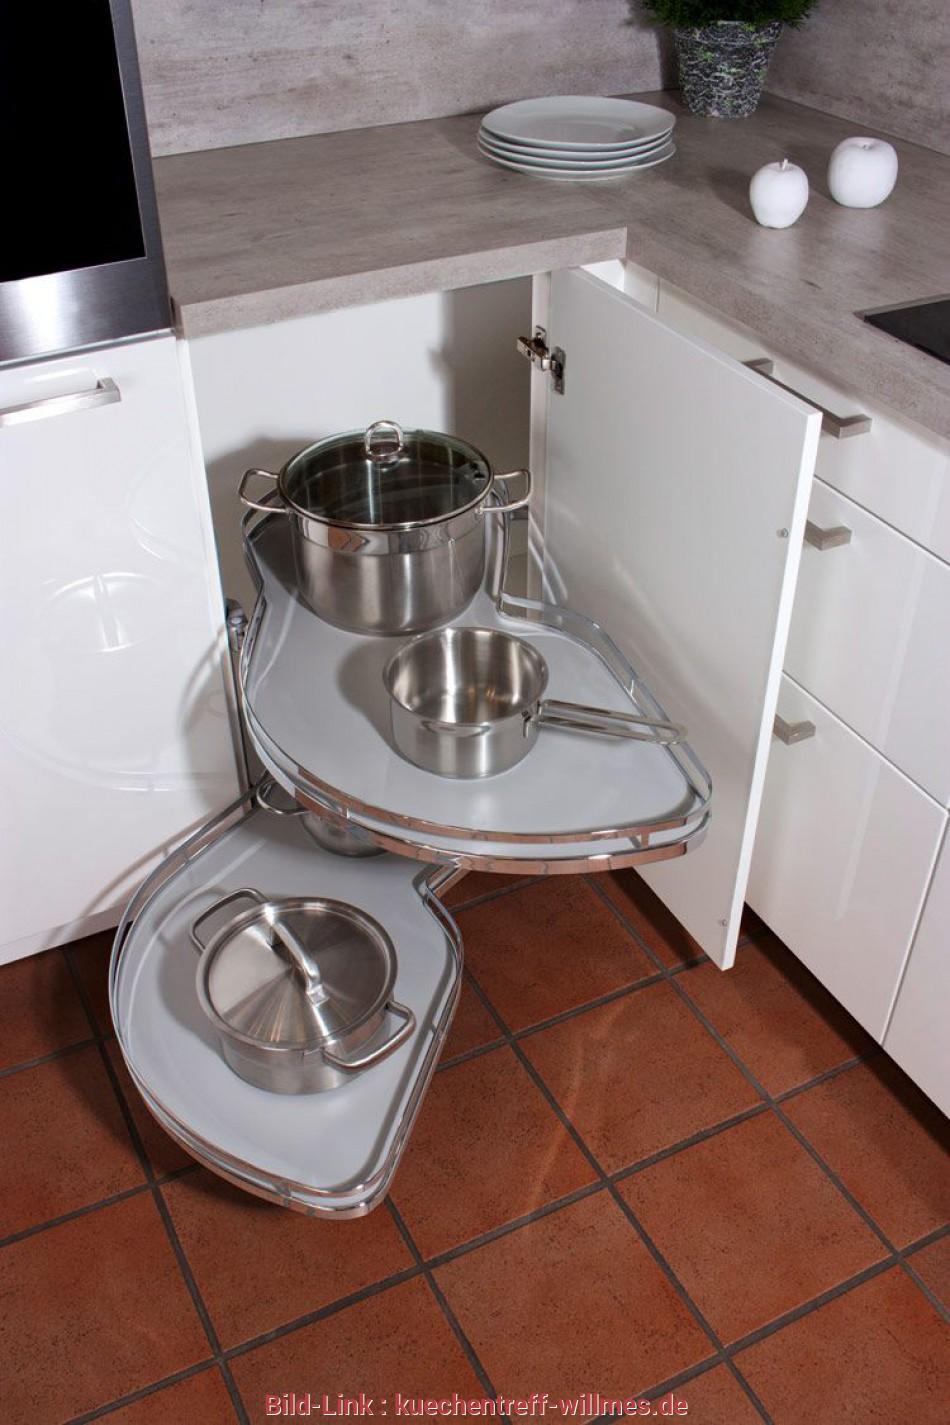 Full Size of Rondell Küche Was Kostet Eine Jalousieschrank Mobile Ohne Elektrogeräte Hängeschrank Höhe Einbauküche Kaufen Nolte Apothekerschrank Modulküche Holz Wohnzimmer Rondell Küche